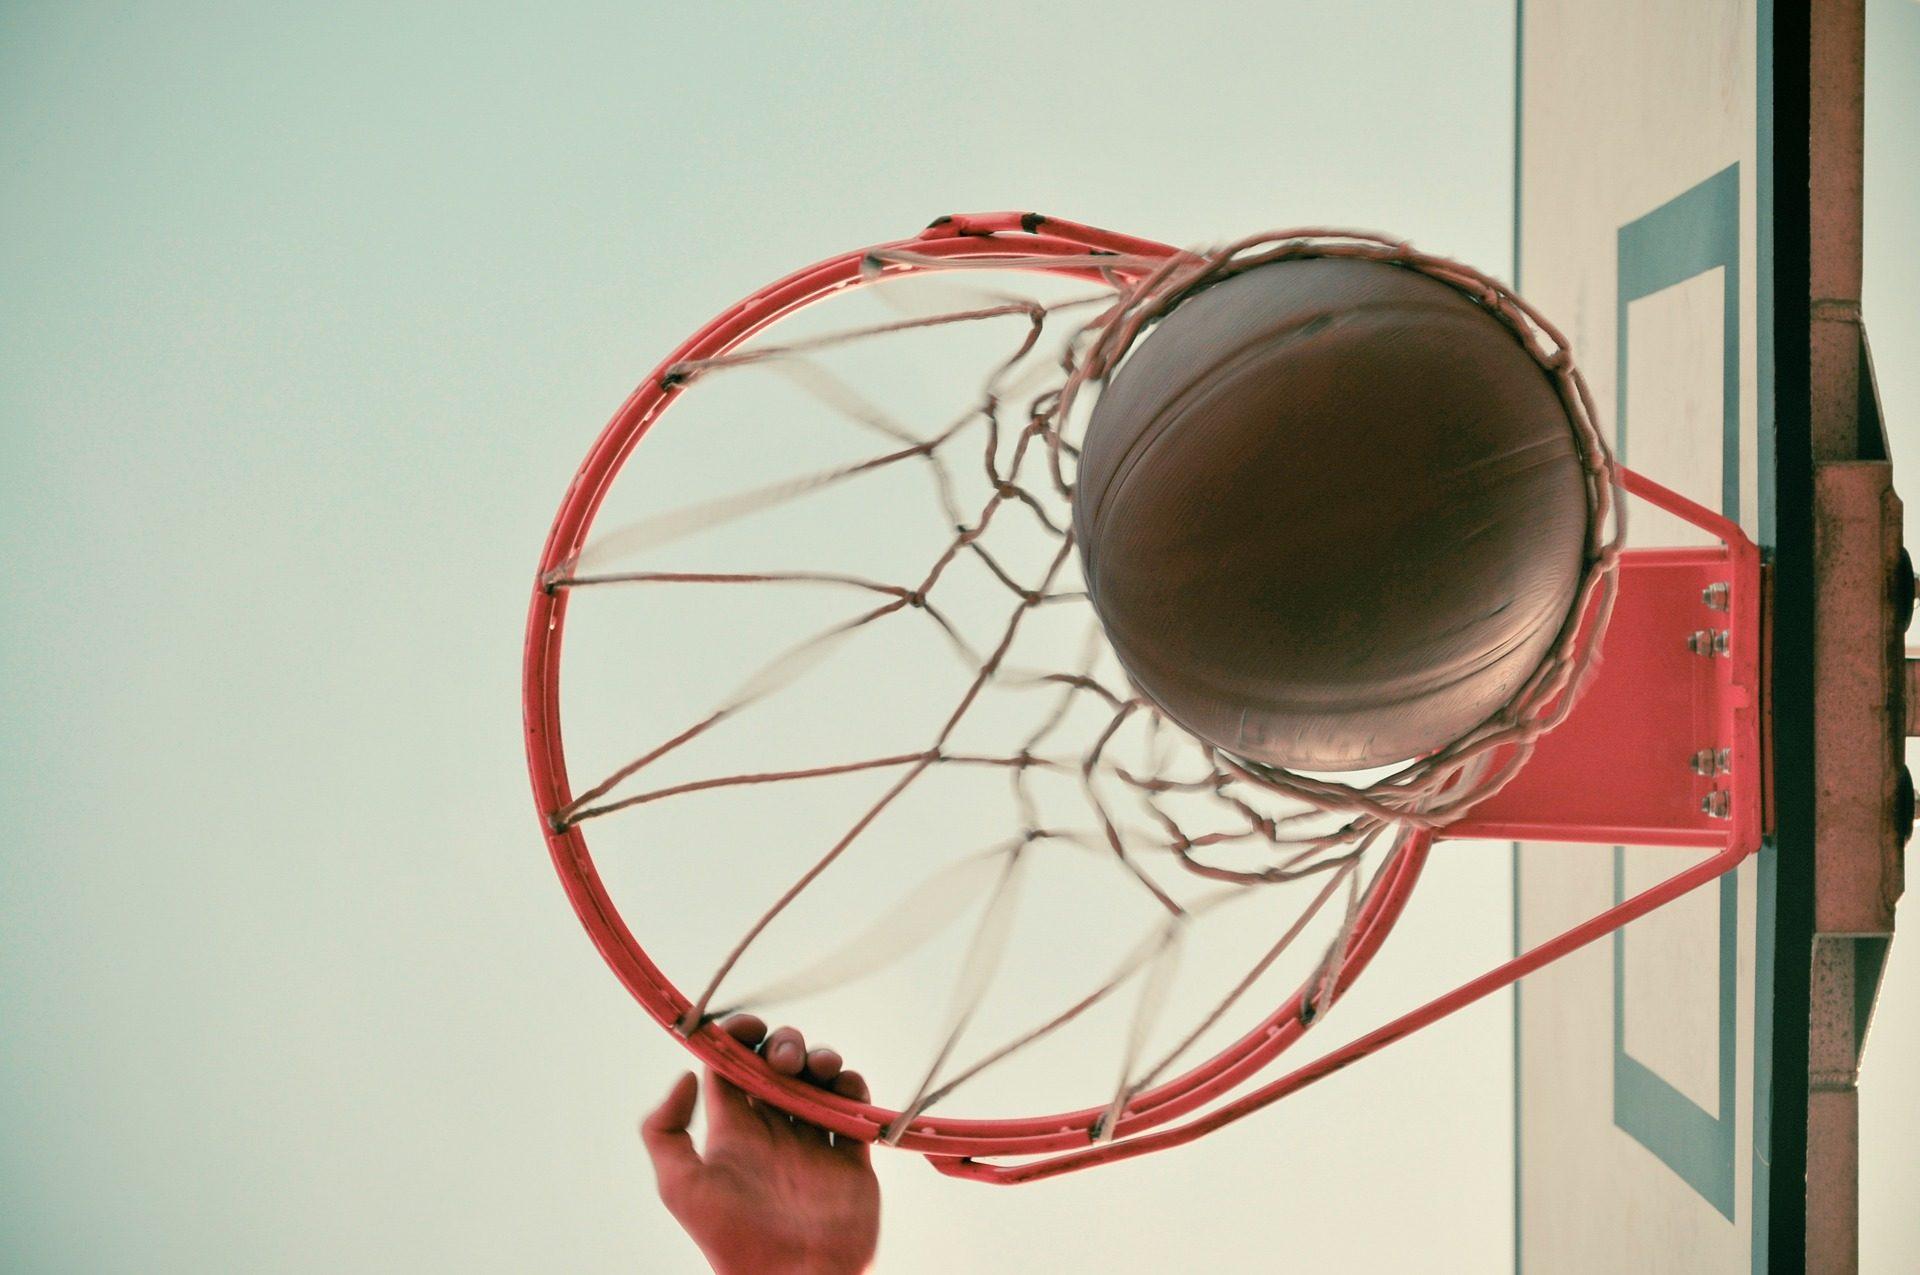 baloncesto, canasta, balón, pelota, aro, red, mano - Fondos de Pantalla HD - professor-falken.com